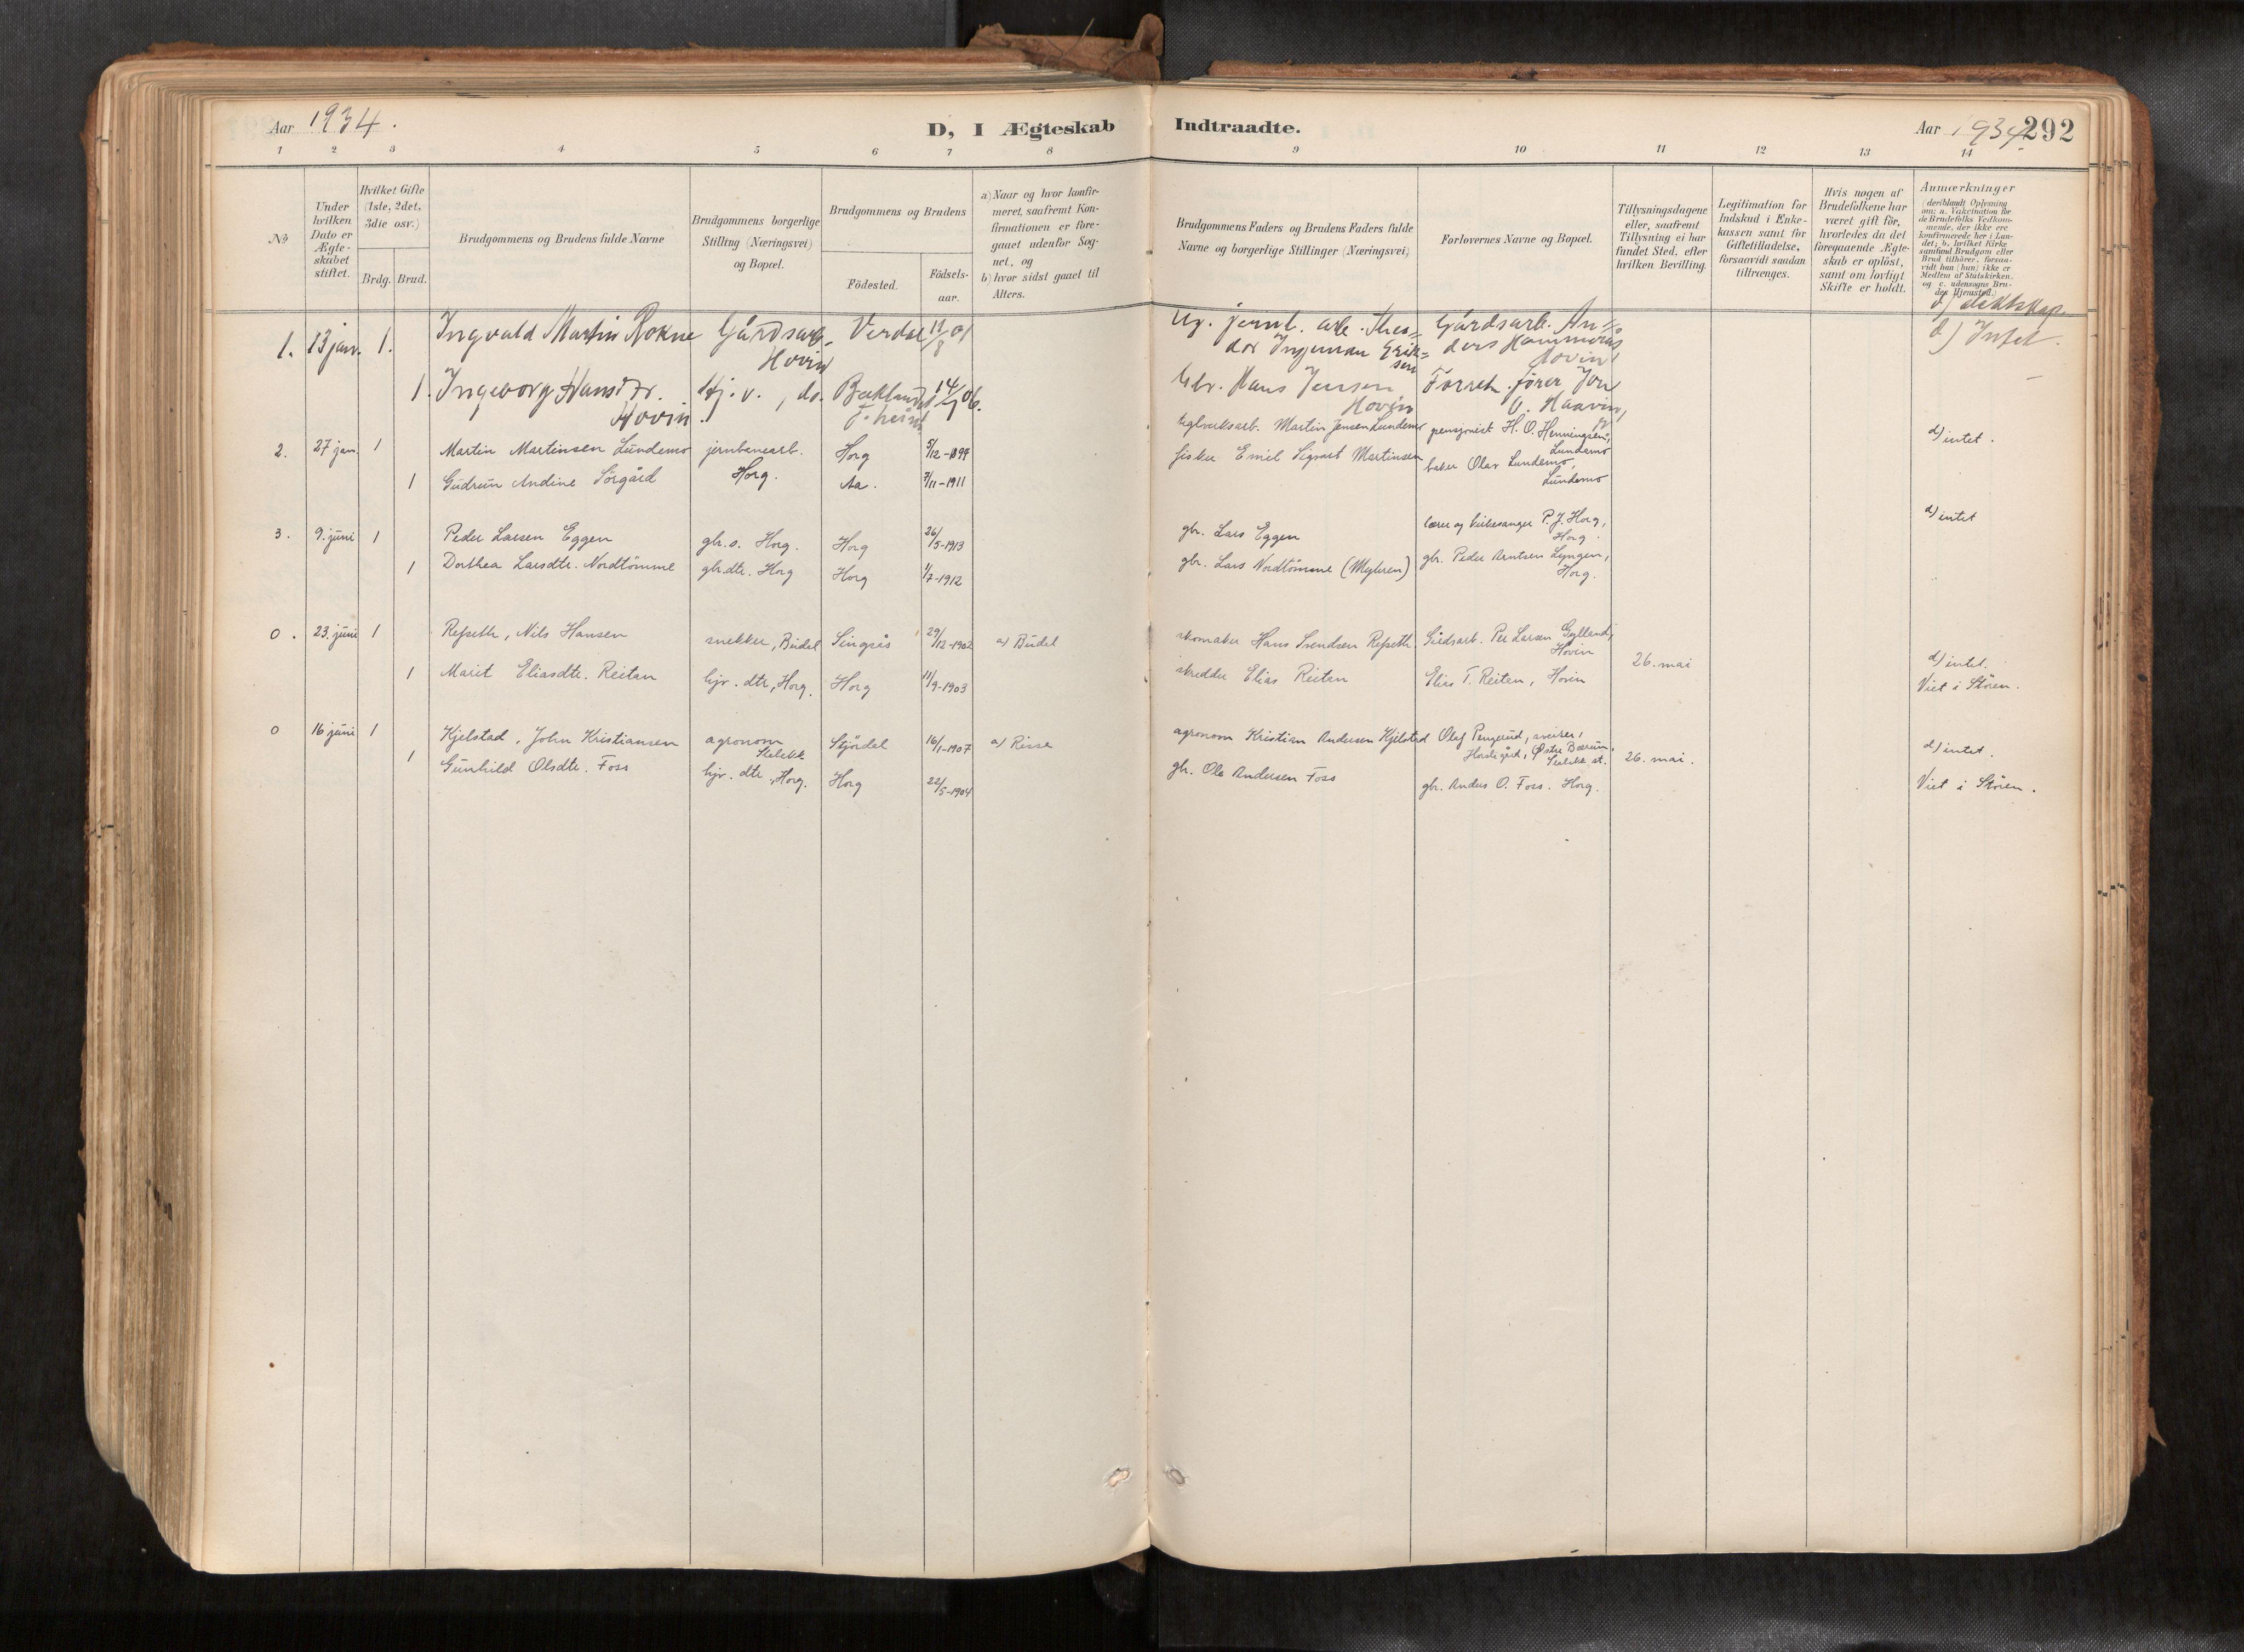 SAT, Ministerialprotokoller, klokkerbøker og fødselsregistre - Sør-Trøndelag, 692/L1105b: Ministerialbok nr. 692A06, 1891-1934, s. 292